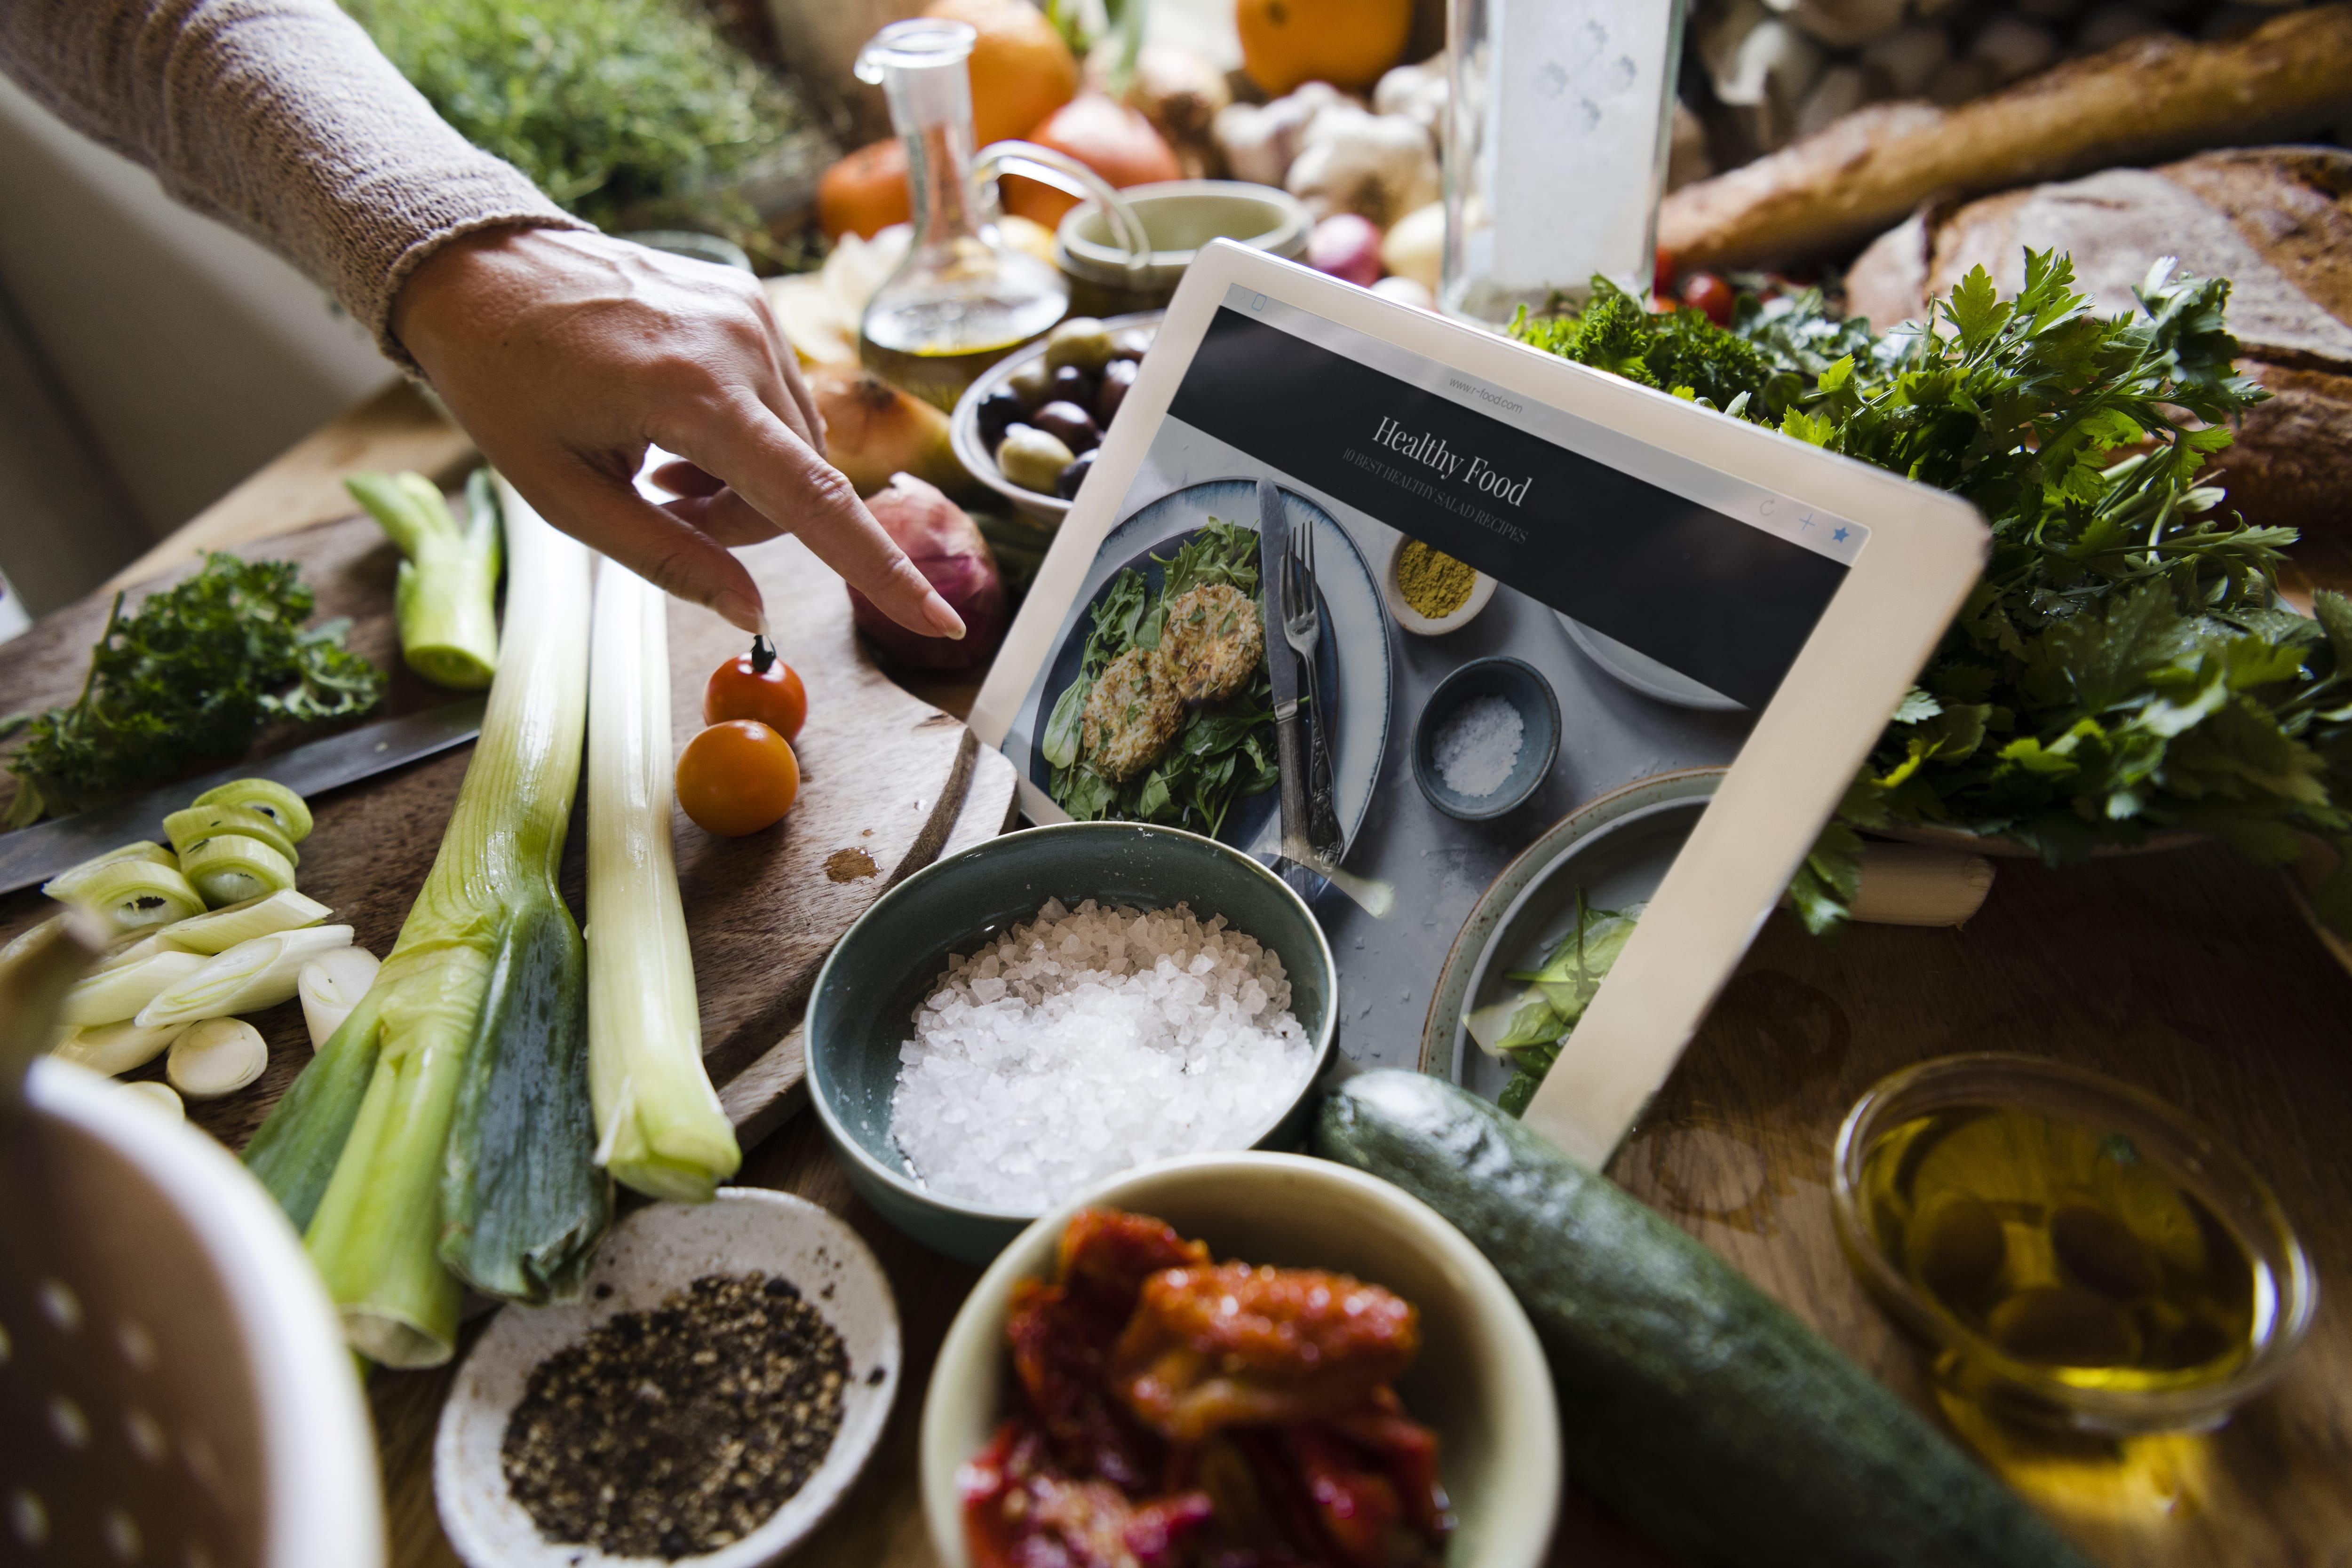 Die individualisierte Ernährungsberatung nach den Qualitätsstandards von Diolosa & Morell beinhaltet nicht nur die fundierte Analyse einer Person, sondern begleitet auch die praktische Umsetzung einer solchen Beratung.